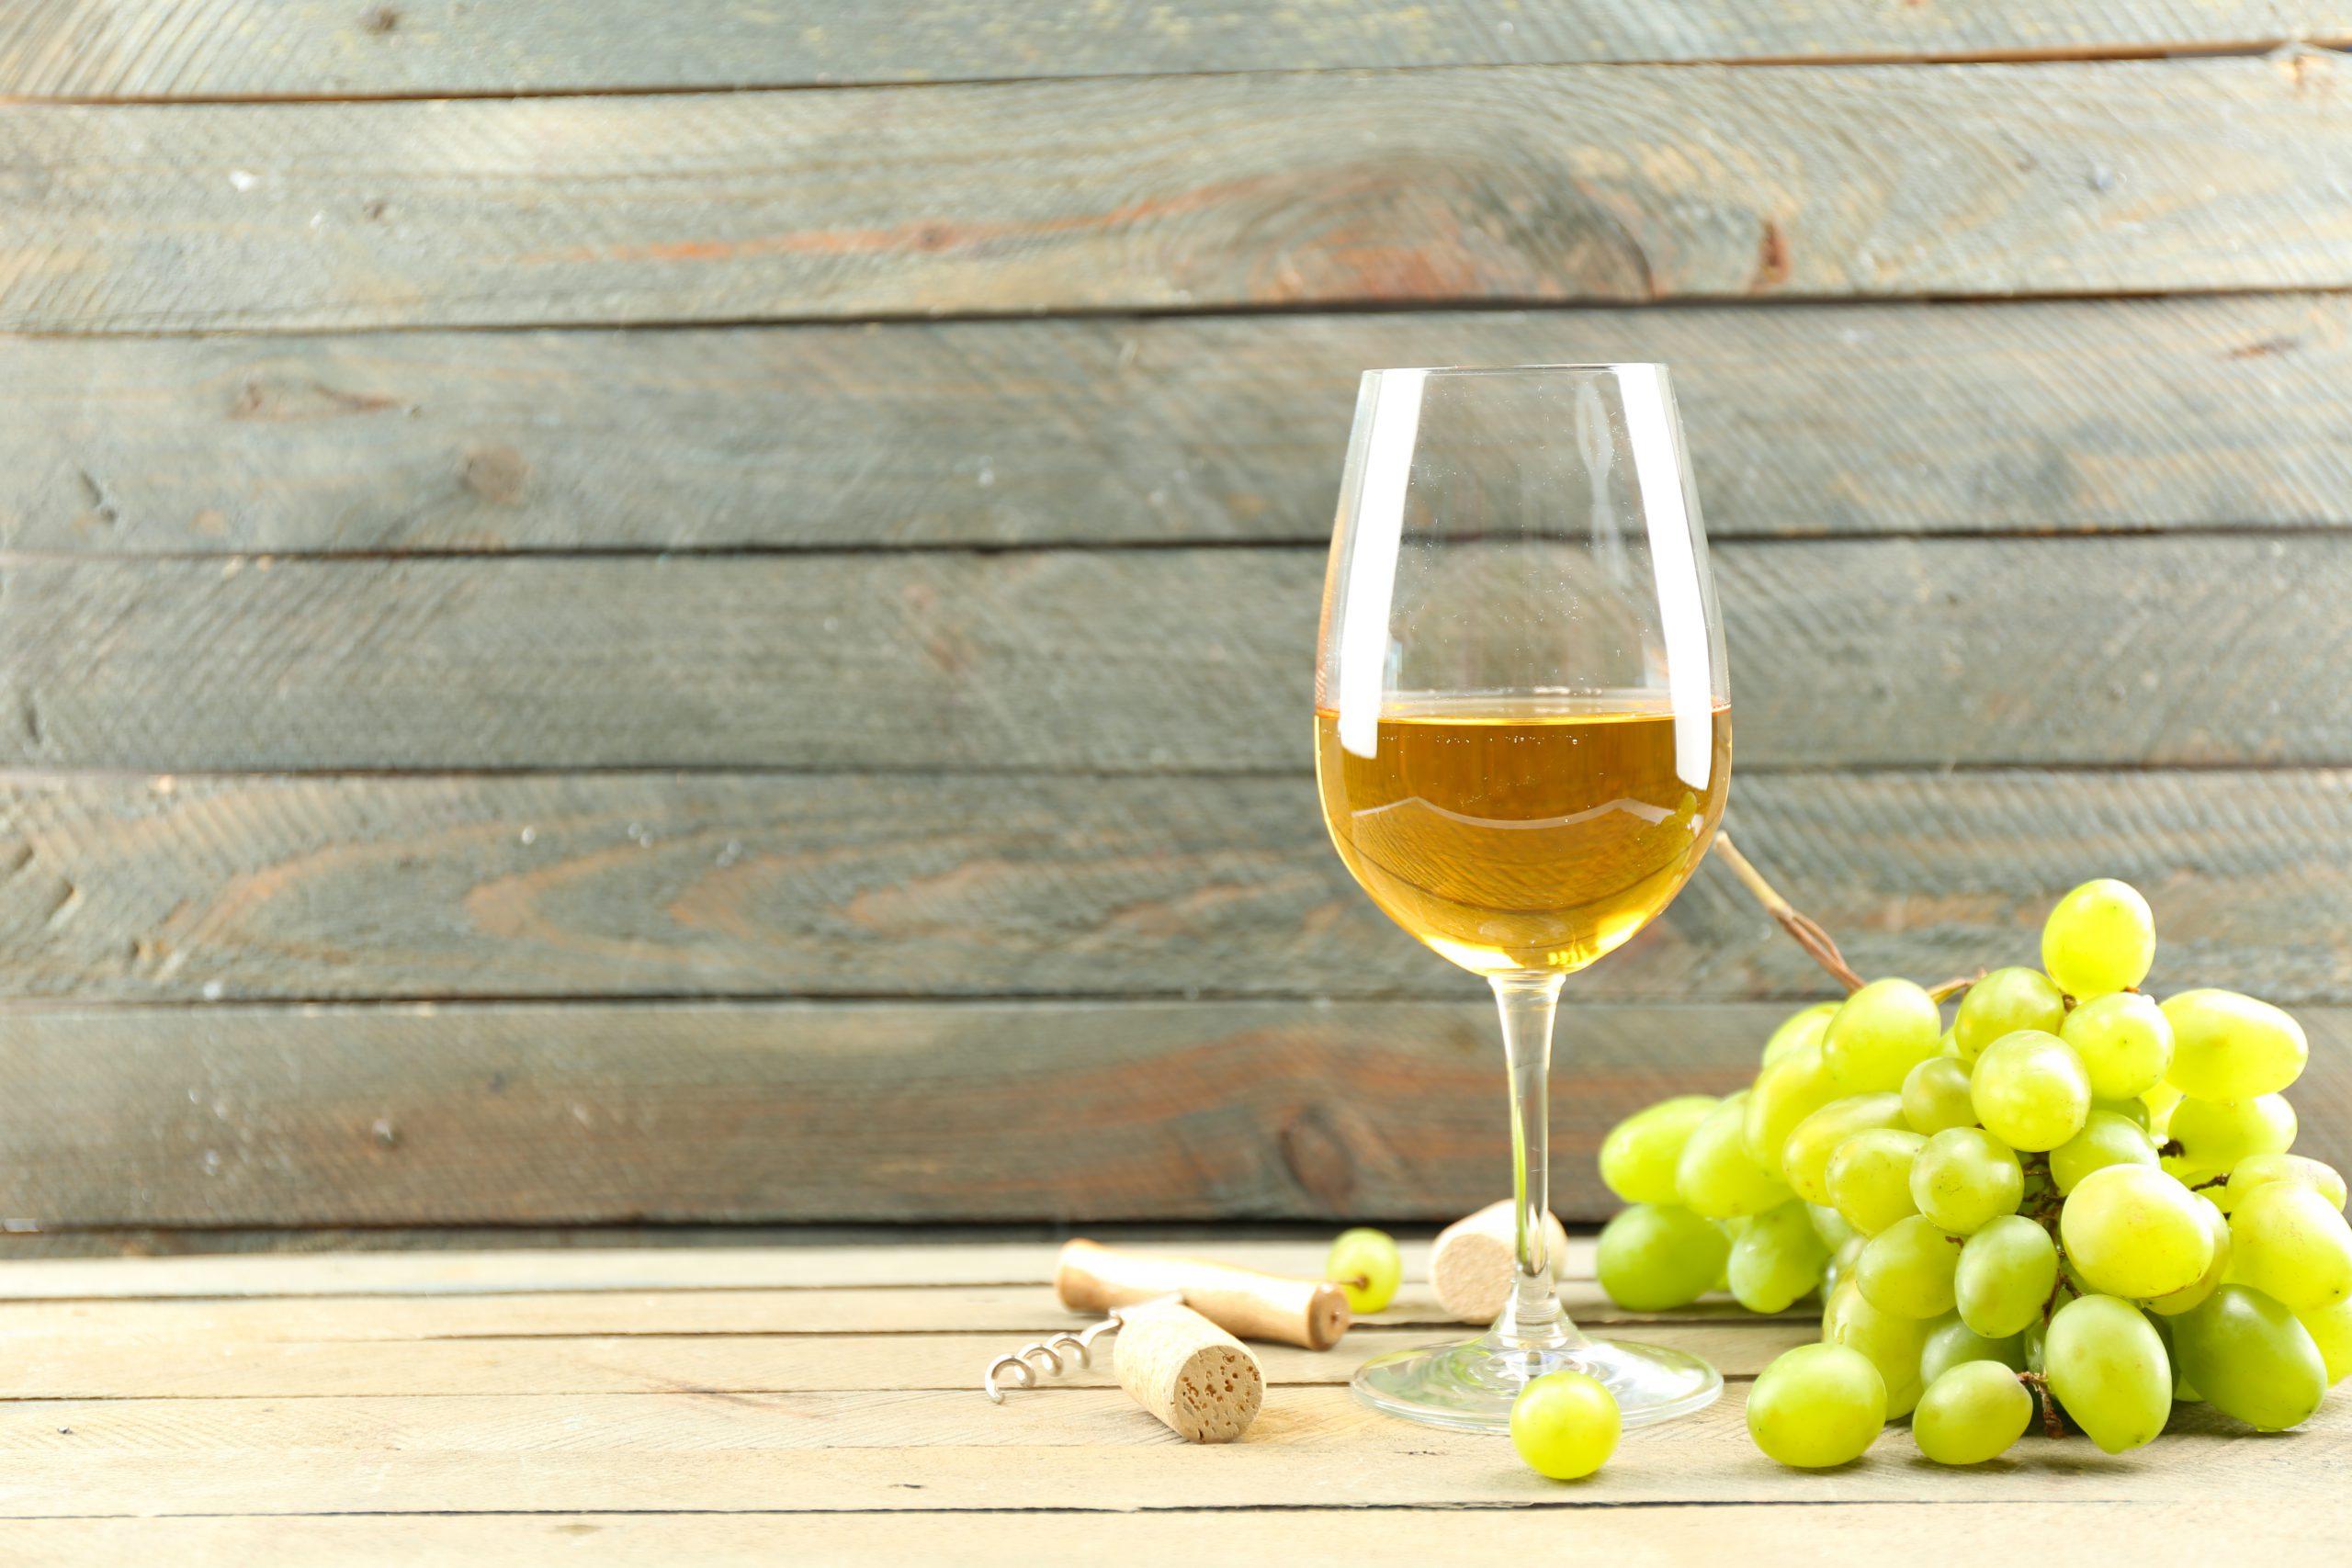 利きワインで押さえておきたい基本の3ステップ